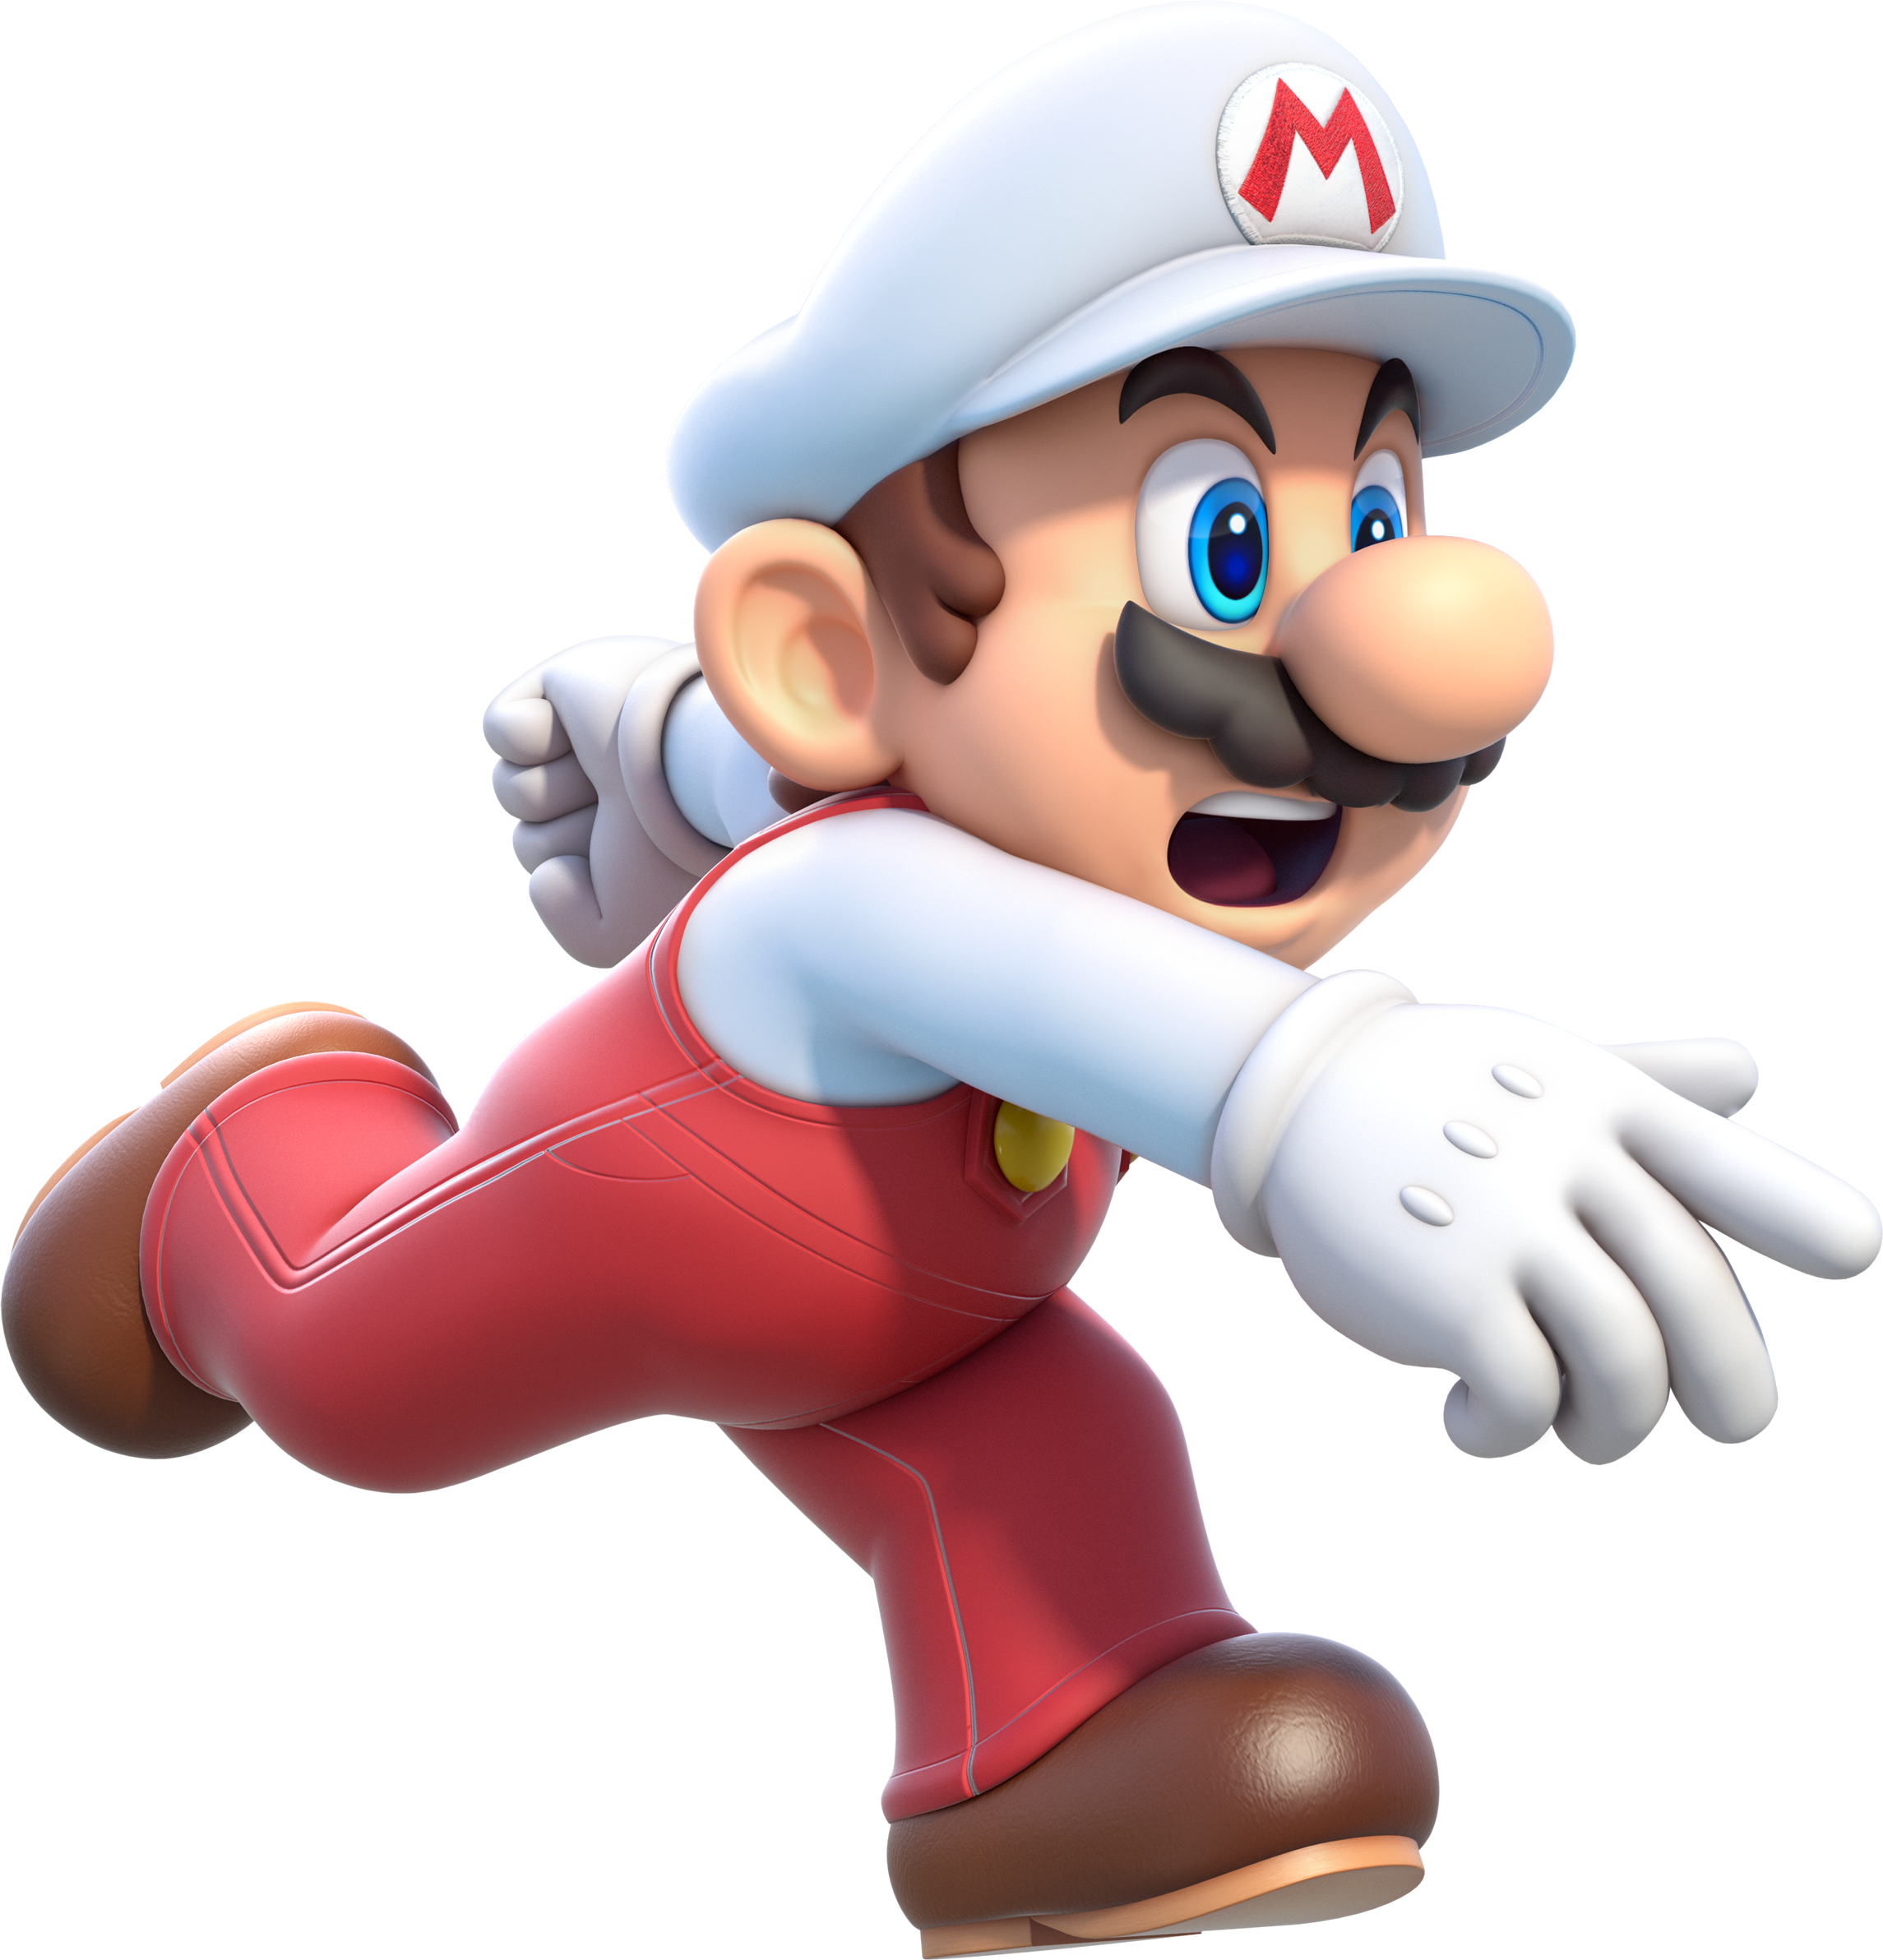 Mario HD PNG - 96296